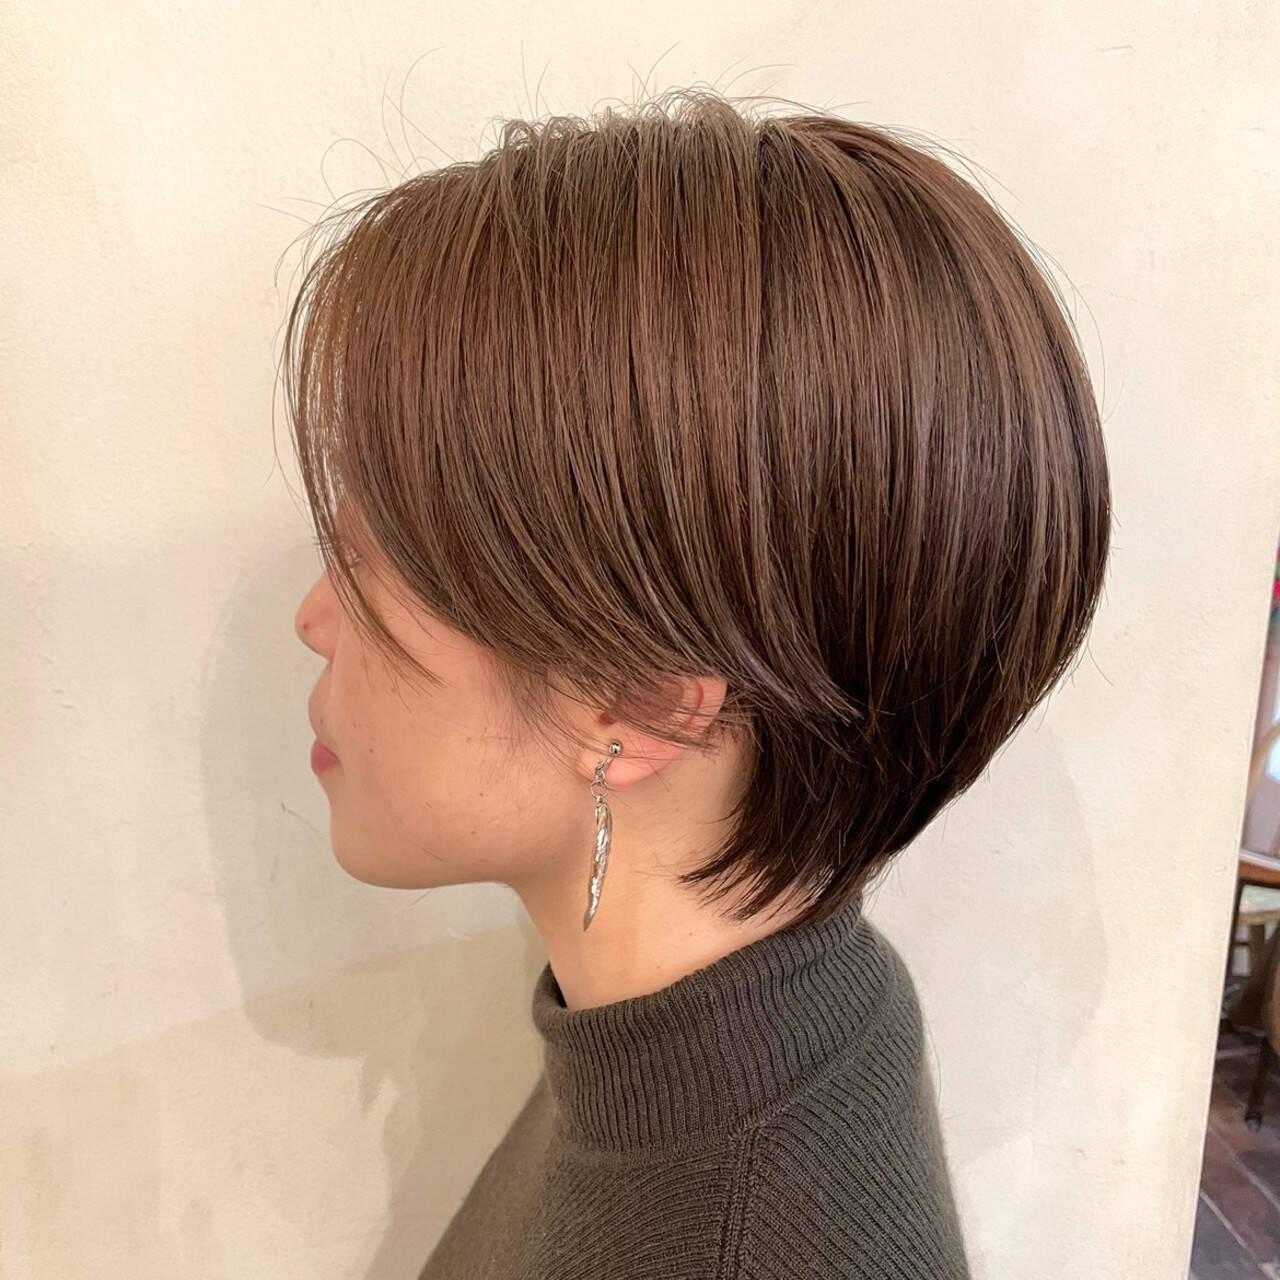 ショートボブ ショートヘア 小顔ショート ワンカールパーマヘアスタイルや髪型の写真・画像